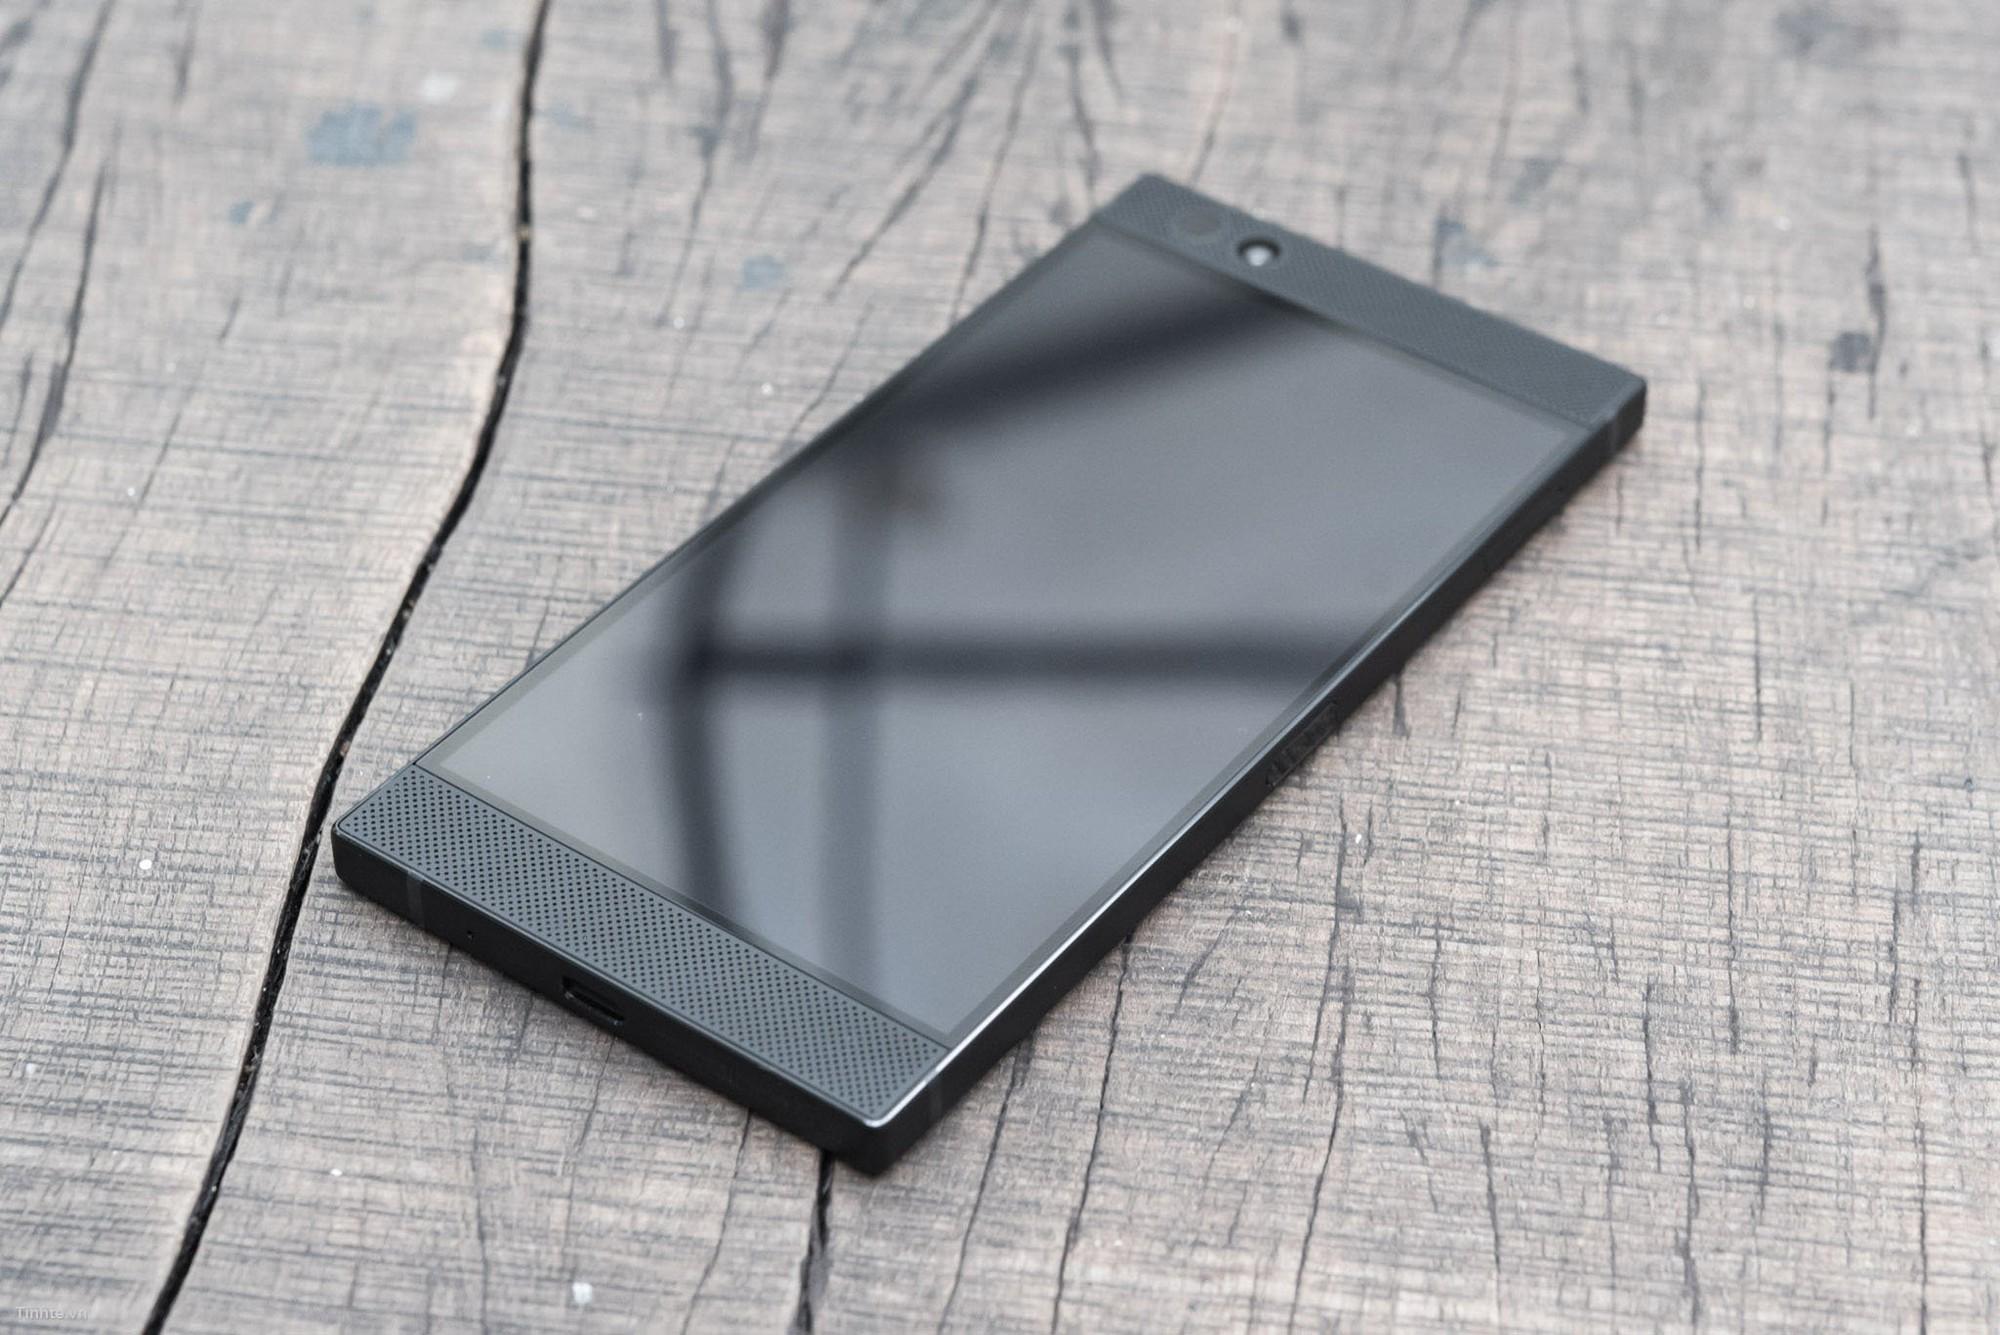 Đang tải Tinhte.vn_RazerPhone-1.jpg…